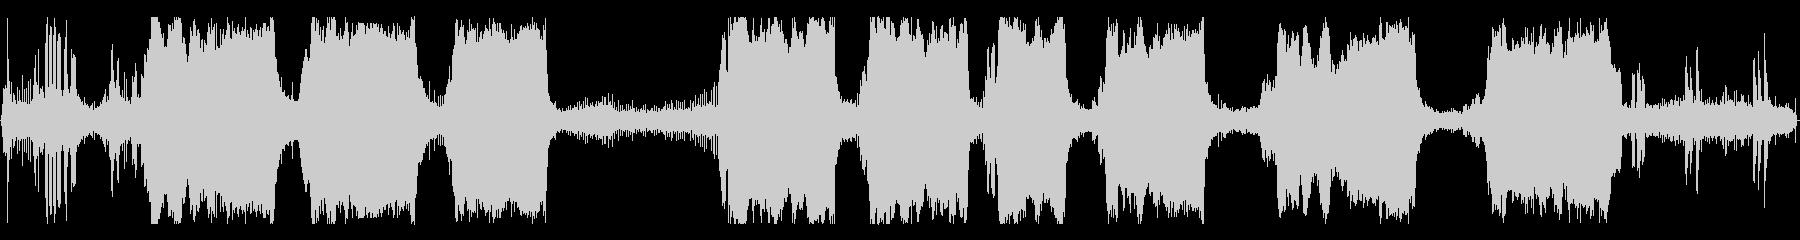 大型ガスチェーンソー:開始、小さな...の未再生の波形